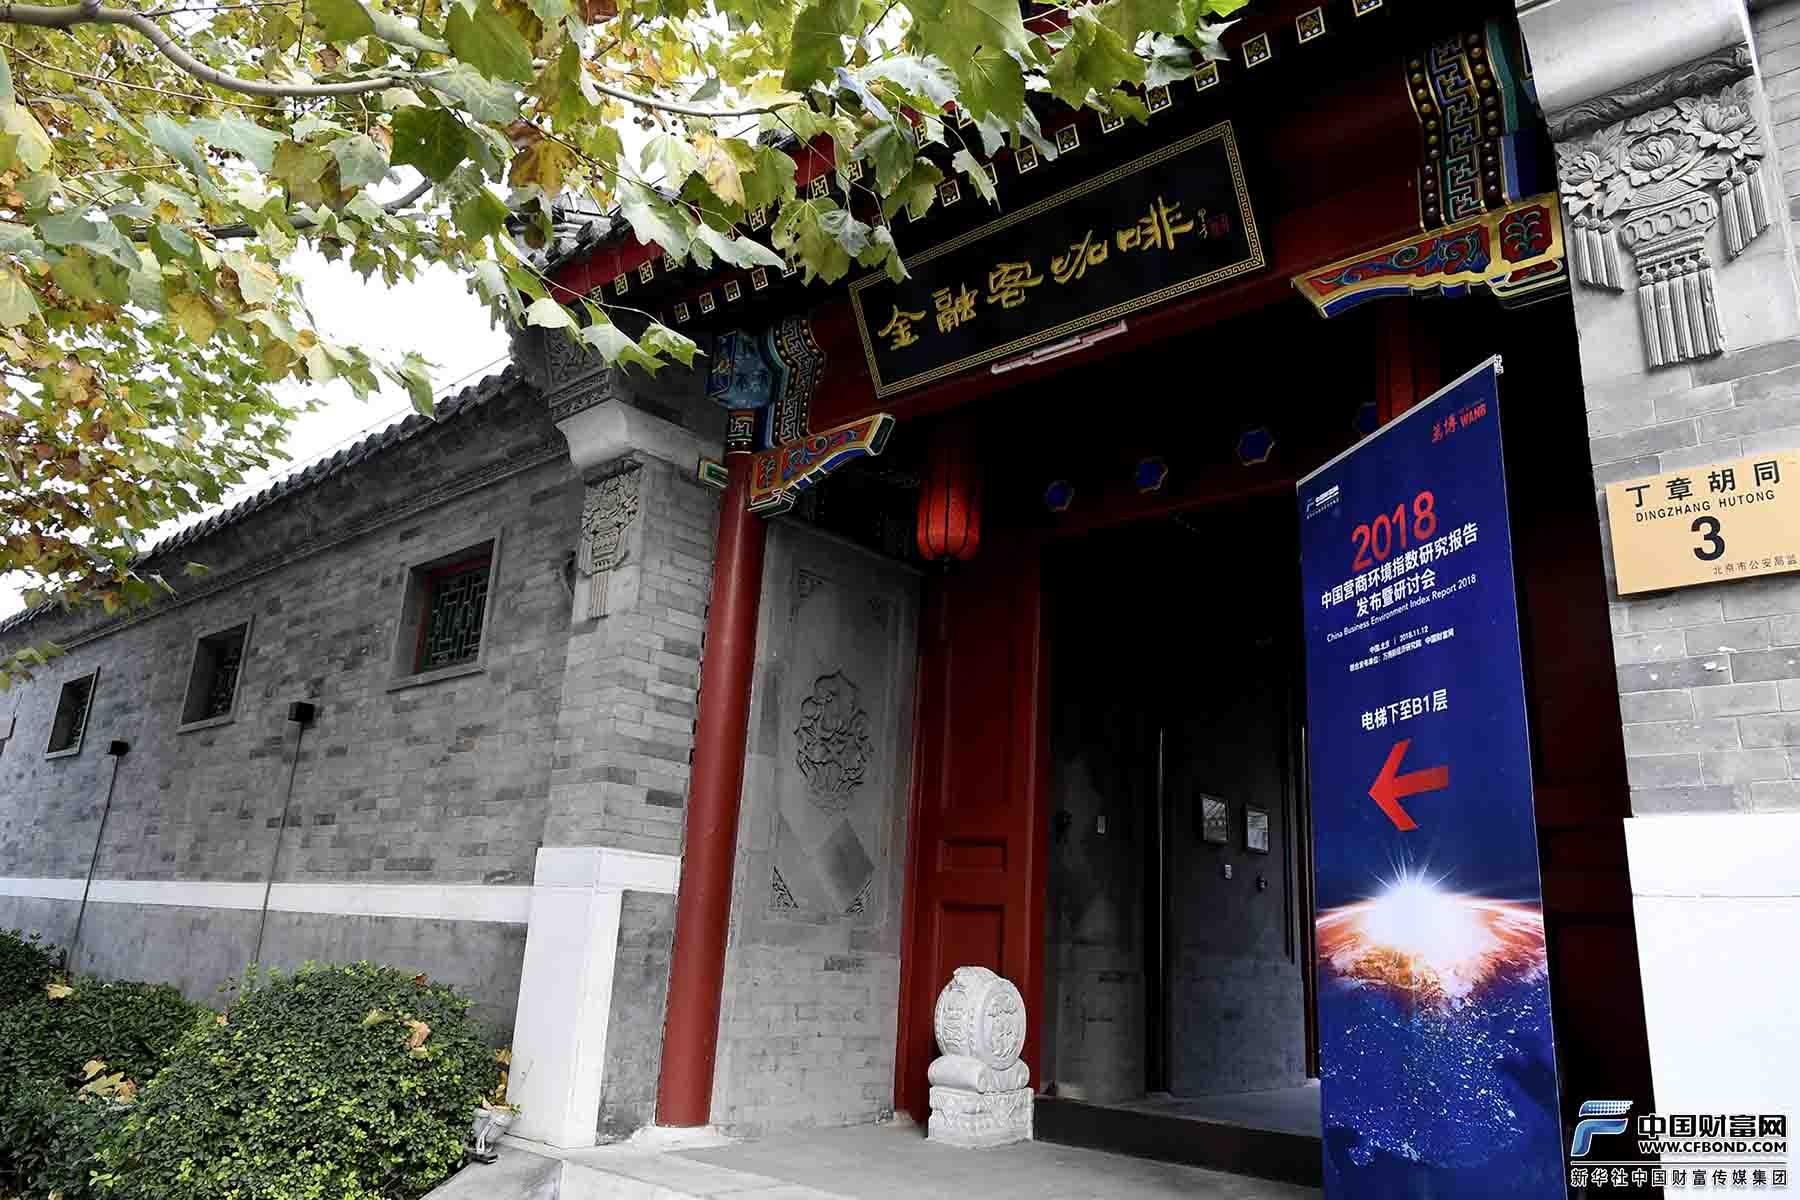 《2018年中国营商环境指数研究报告》发布暨研讨会在金融客咖啡举行